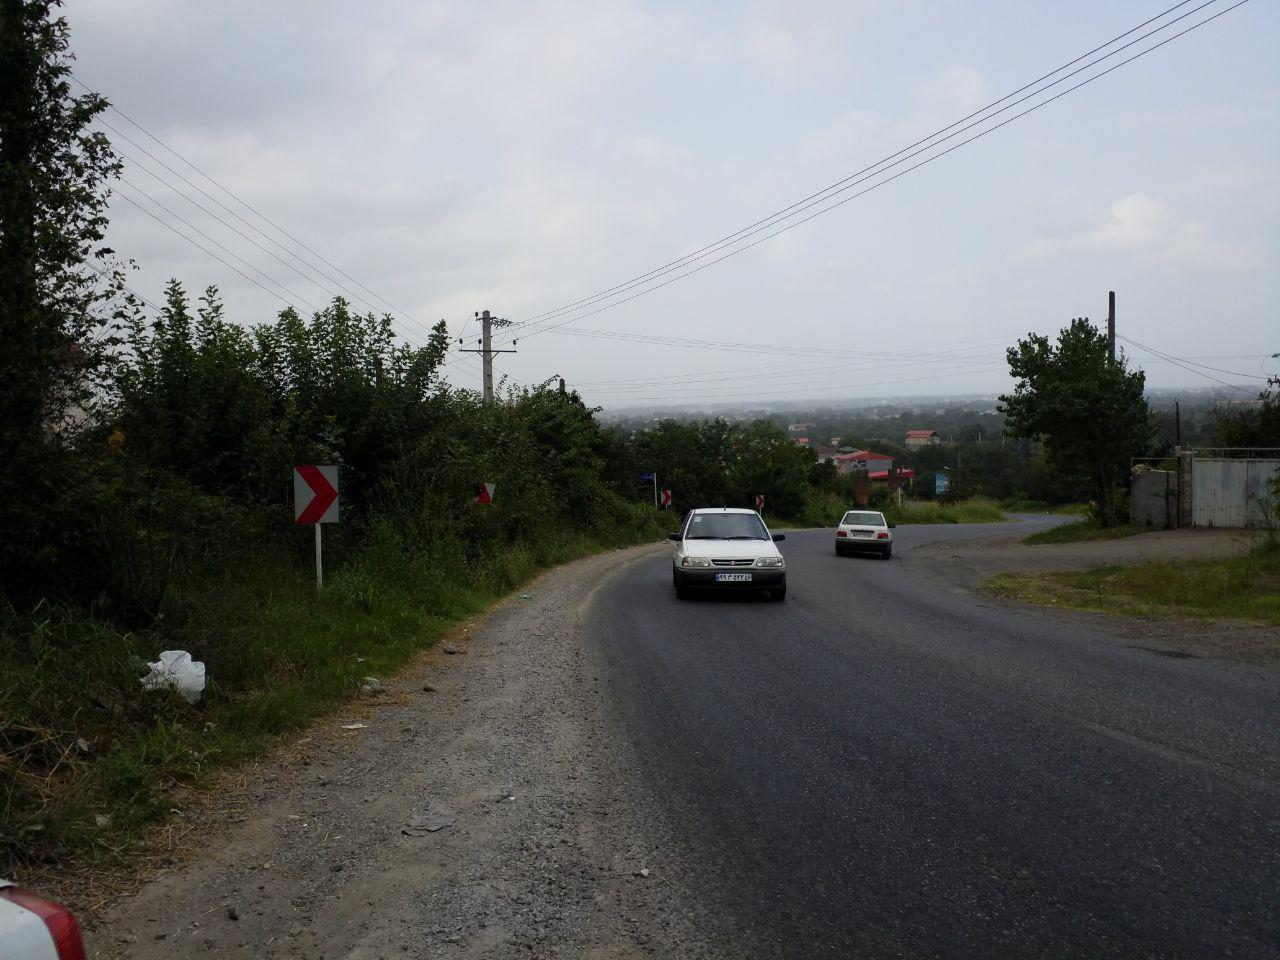 فروش زمین ۲۴۰۰ متری شهری مسکونی کومله